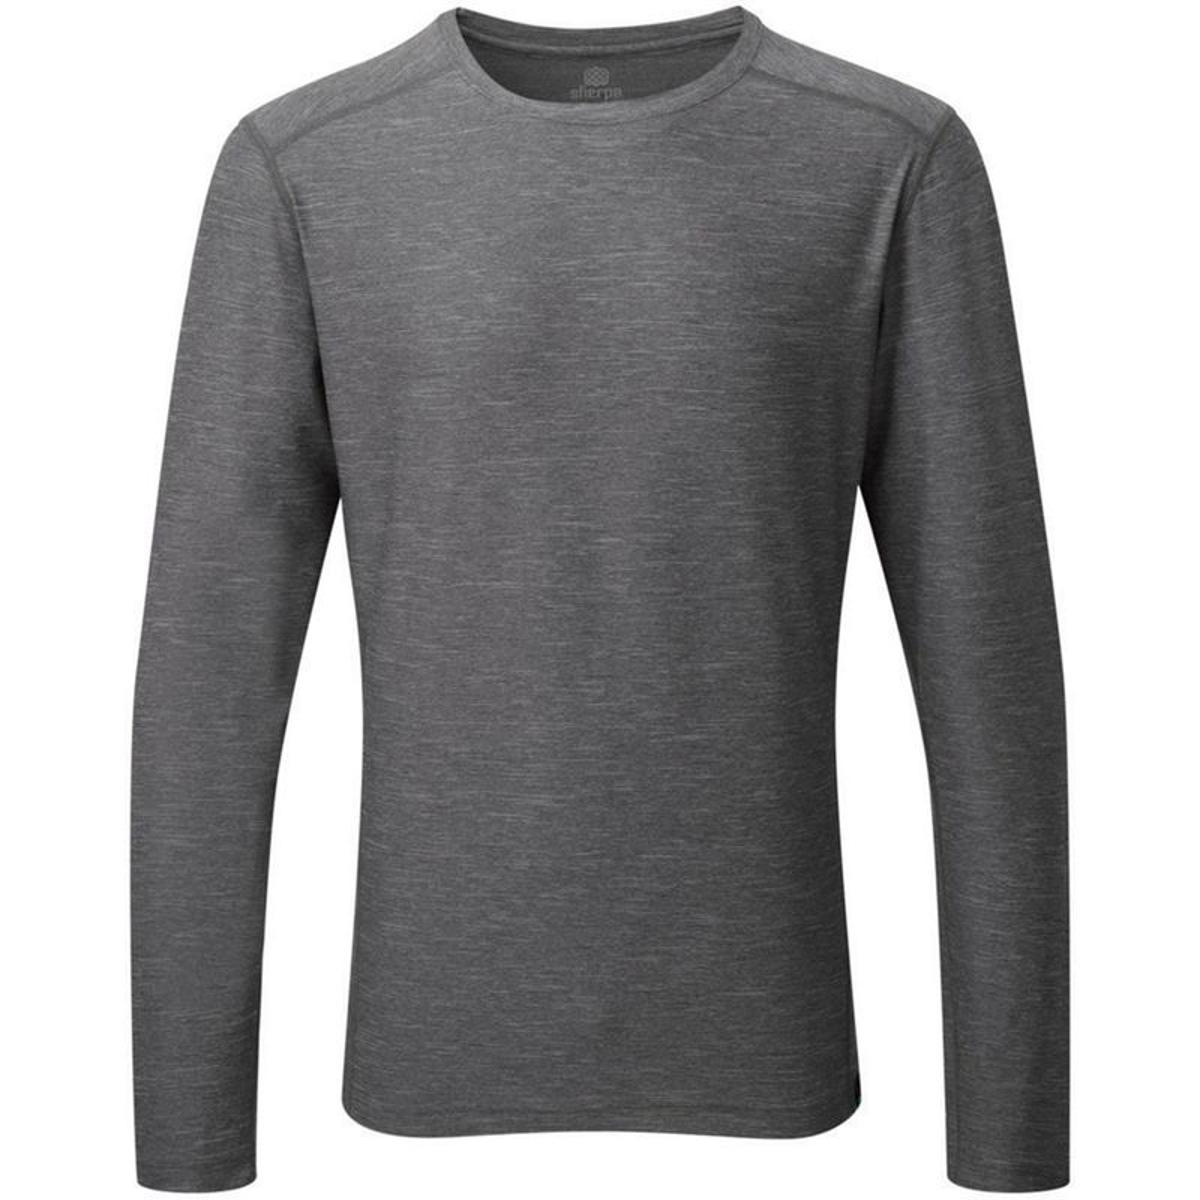 Rinchen - T-shirt manches longues Homme - gris